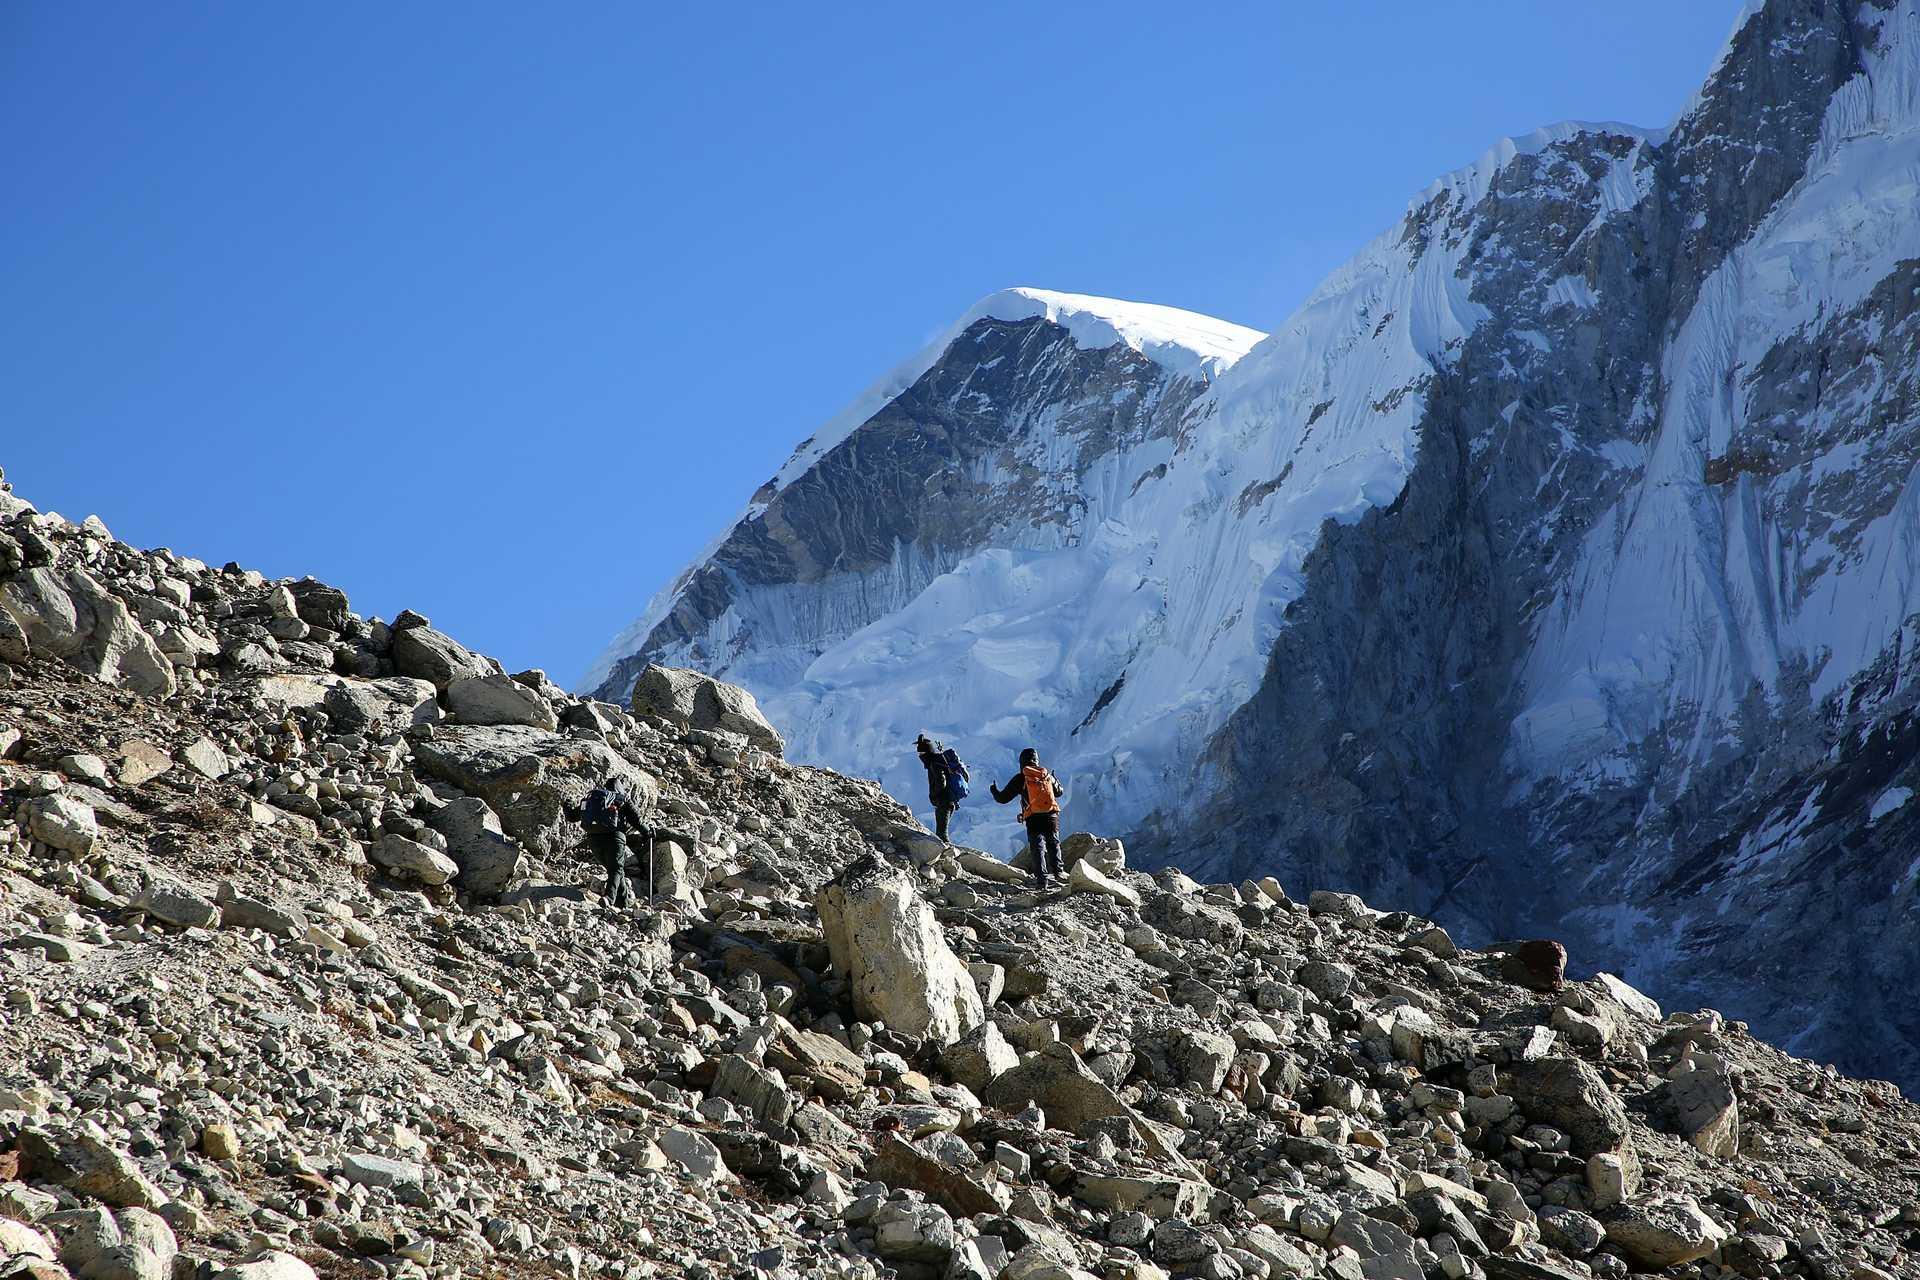 Trekking in Mount Everest